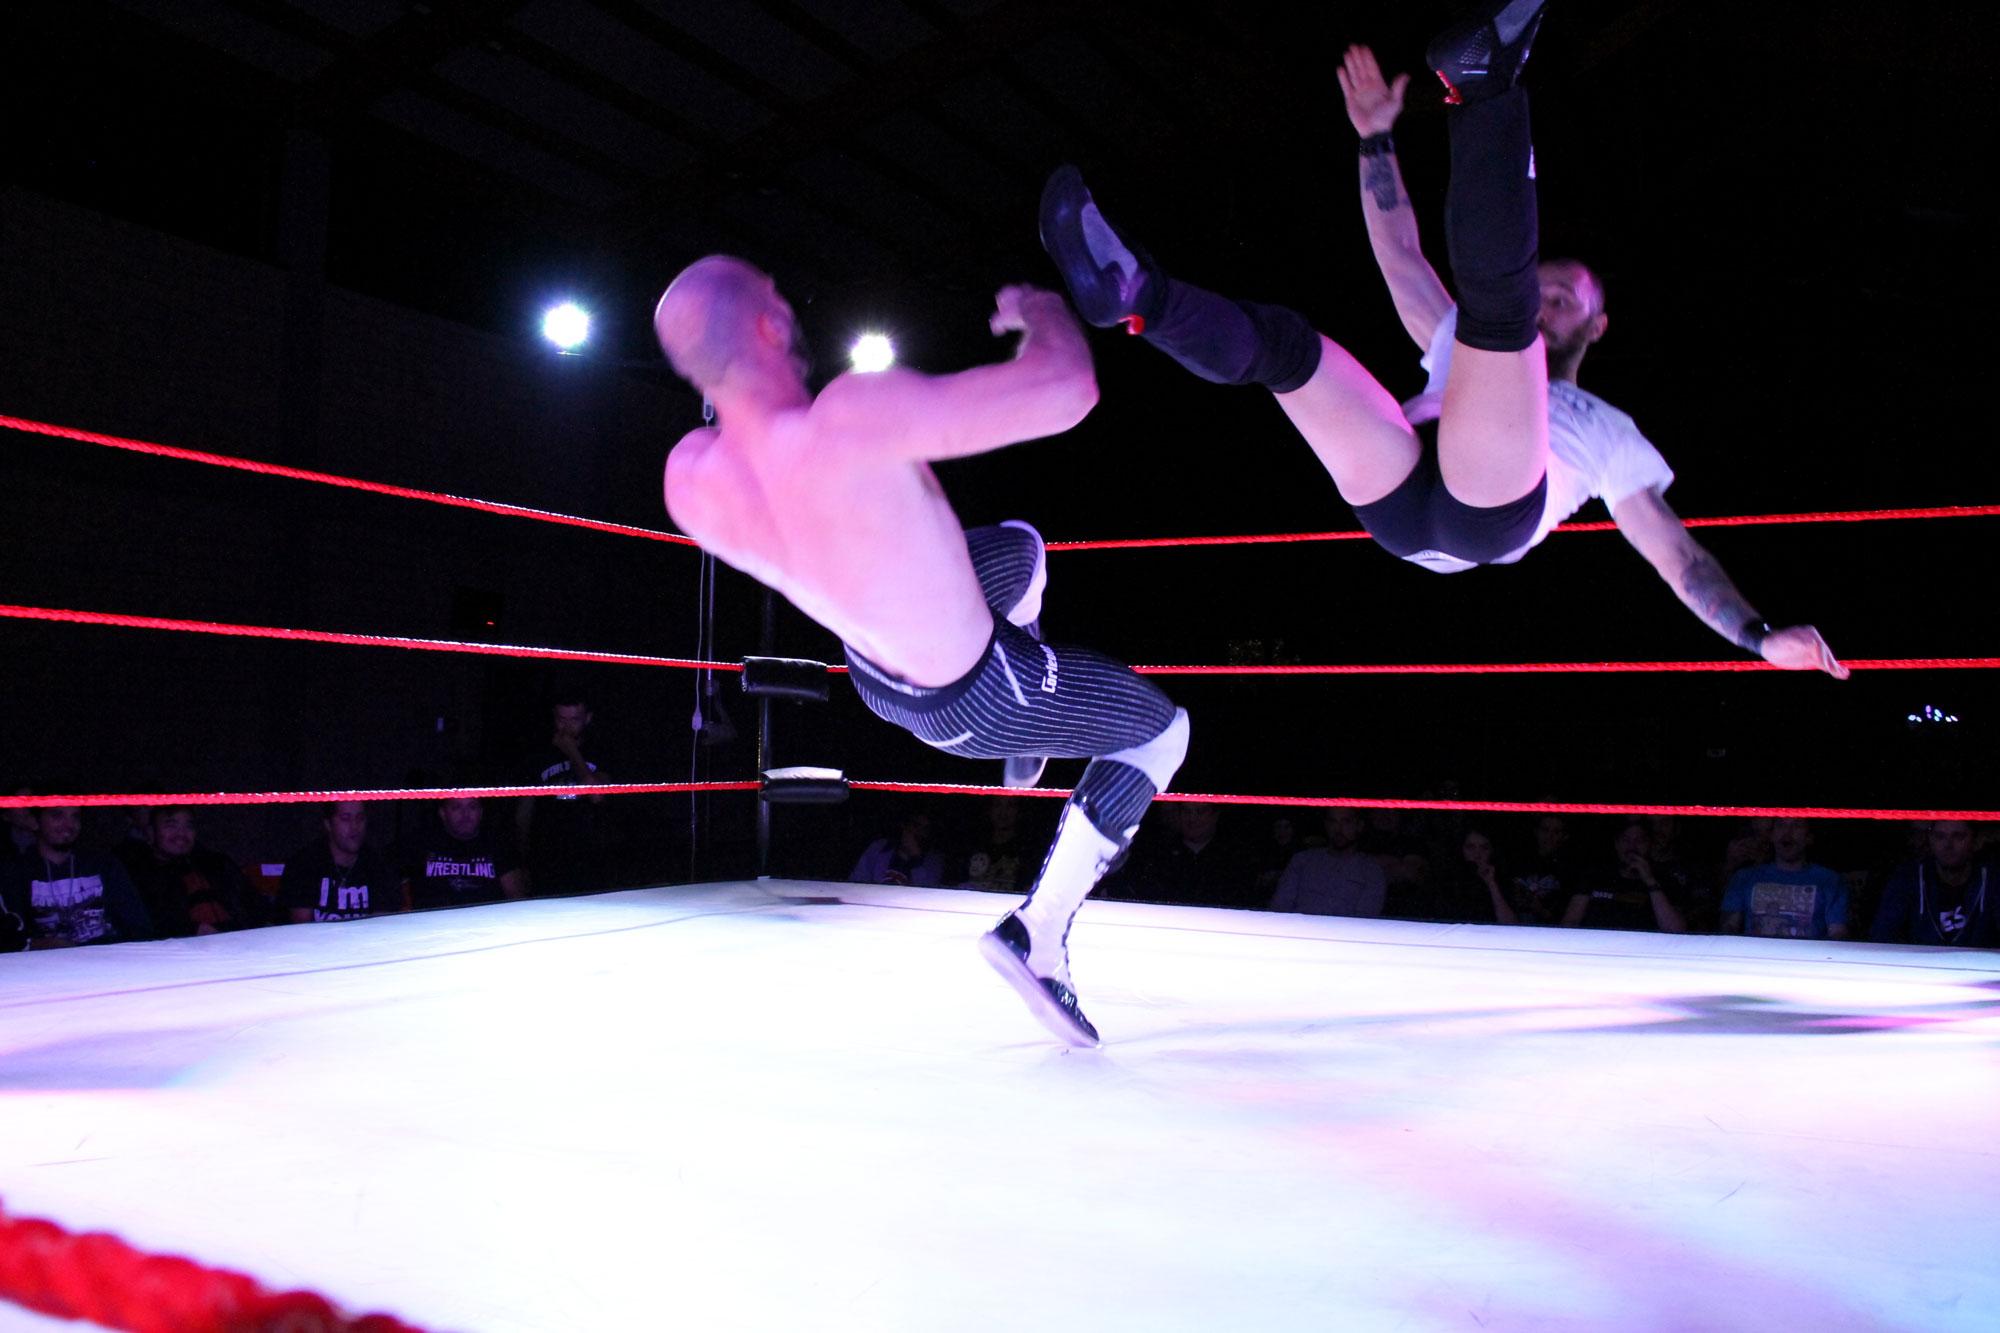 Clamoroso: La Casta perde due Titoli in una serata! I Risultati completi di ICW Fight Forever #11